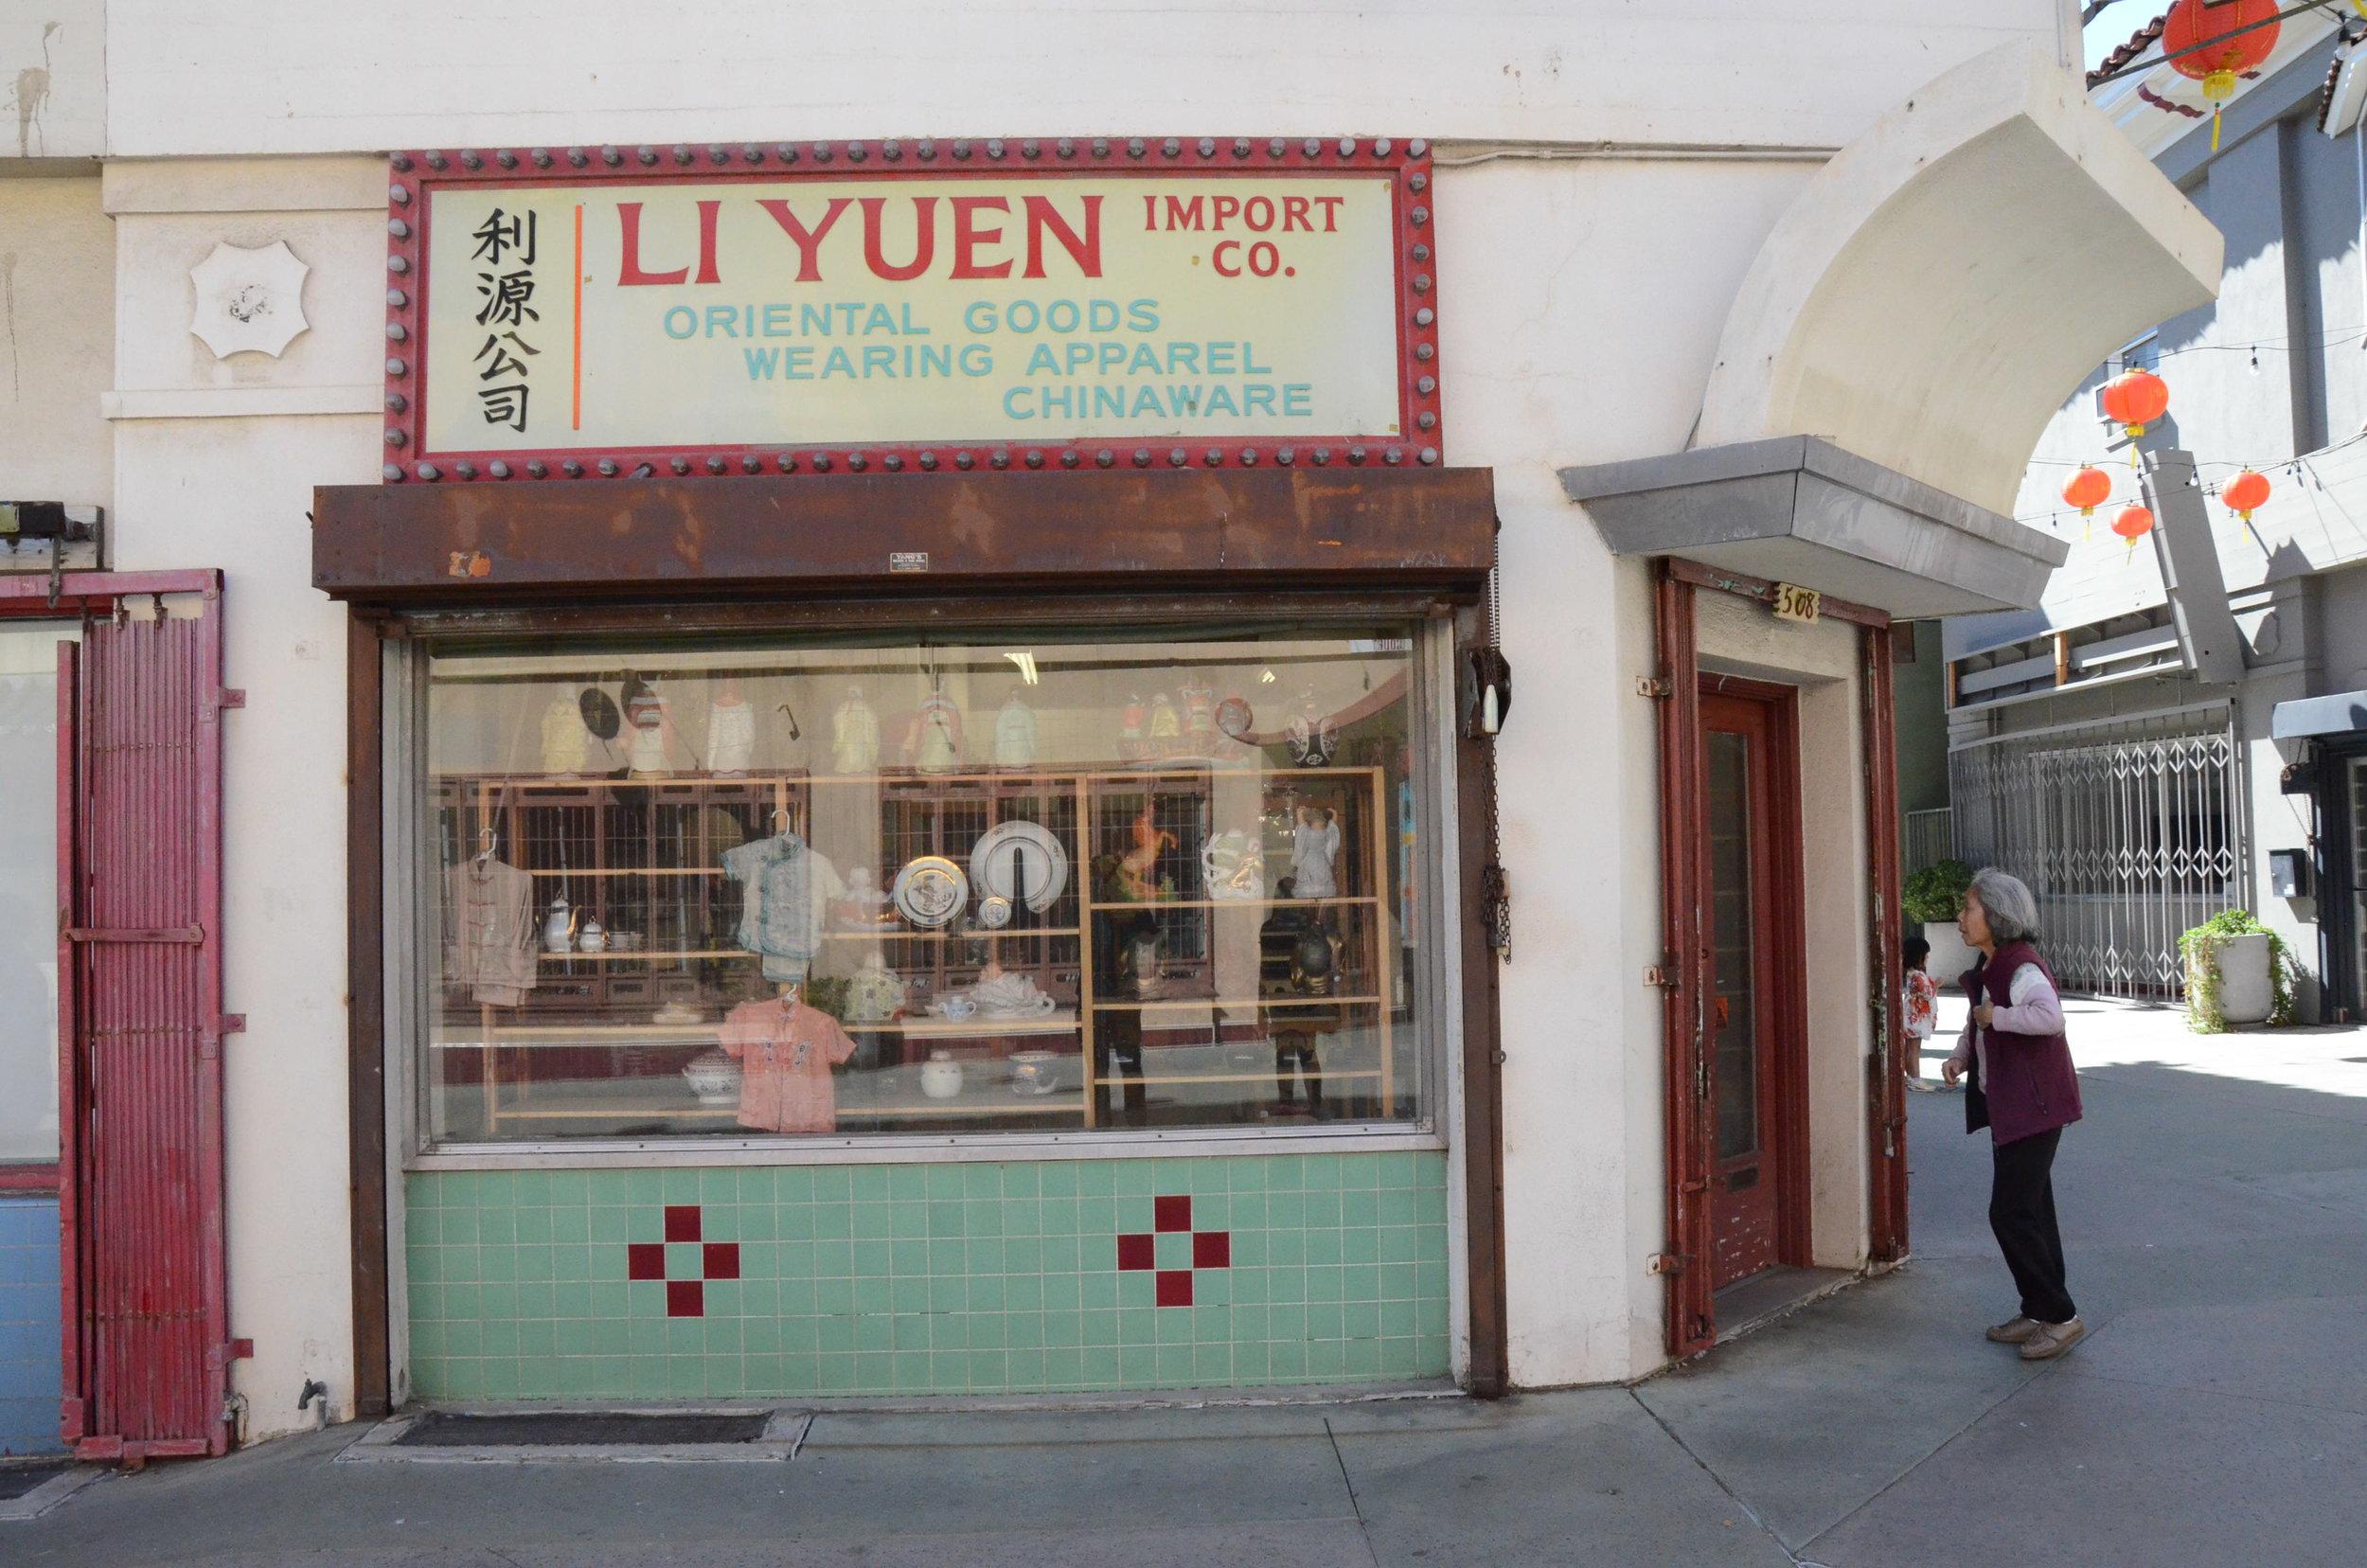 洛杉磯唐人街的利源公司禮品店,Diane Wong攝影